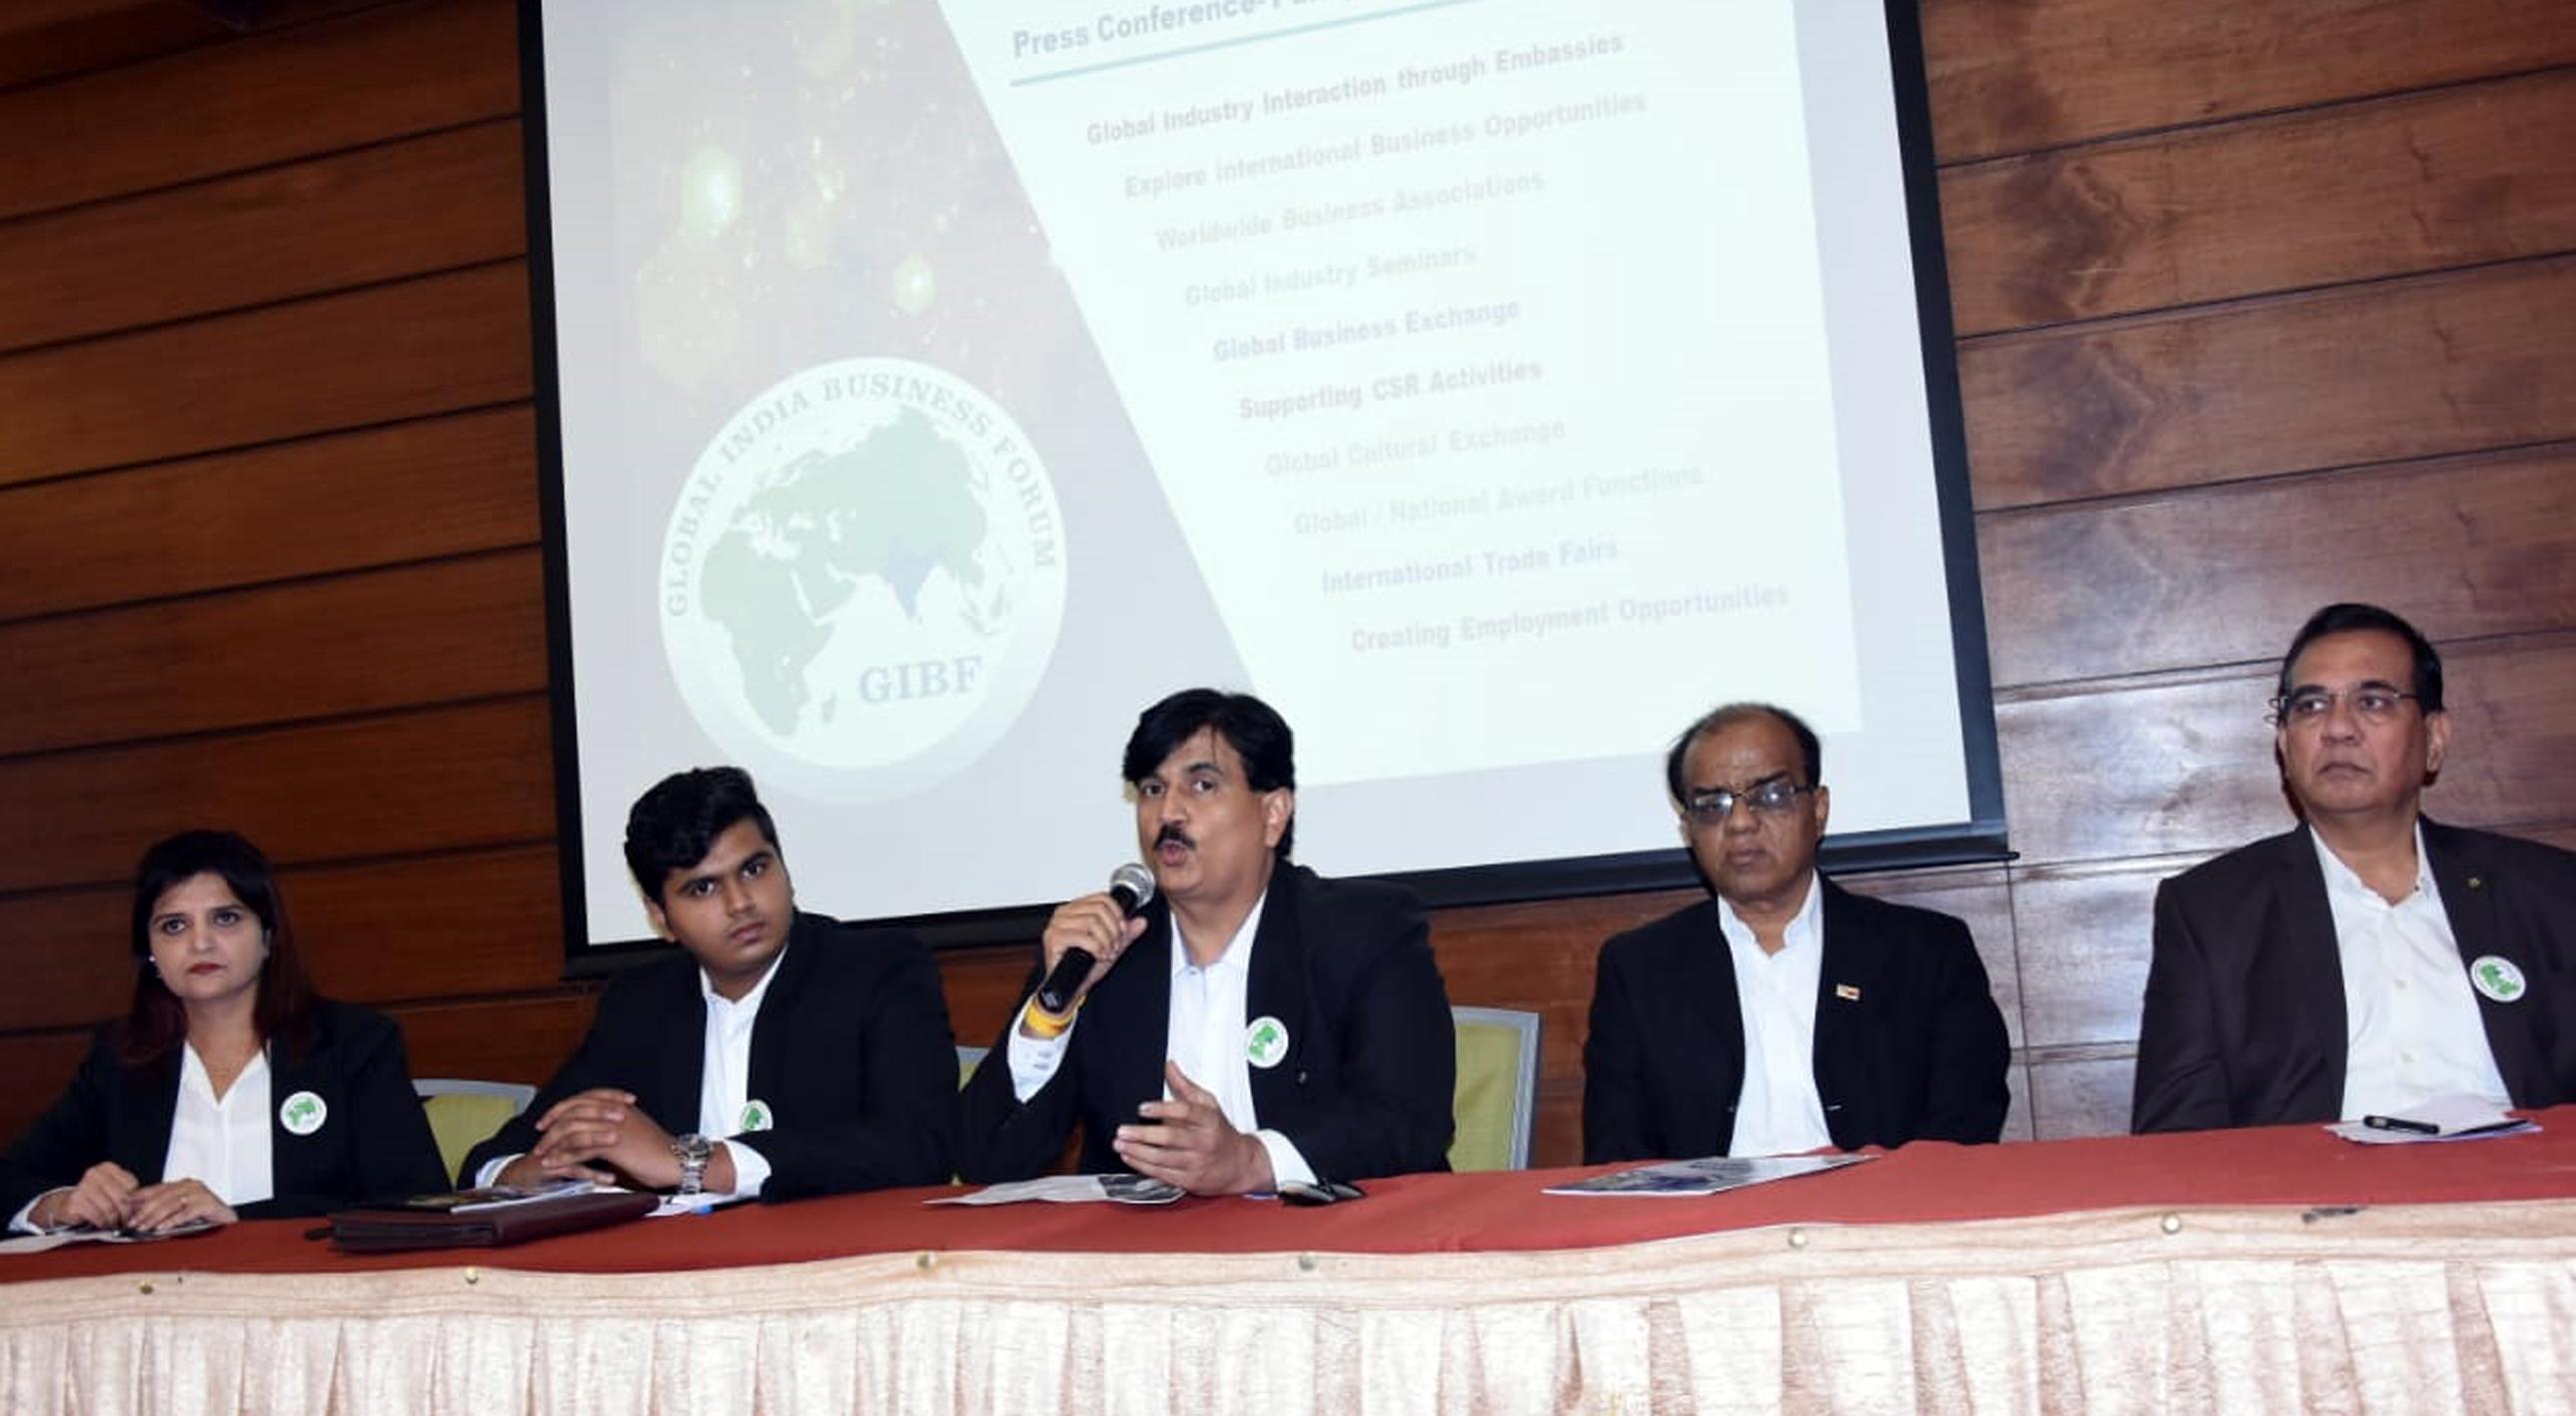 जागतिक स्तरावर उद्योग विस्तारासाठी  ग्लोबल इंडिया बिझनेस फोरमचे व्यासपीठ